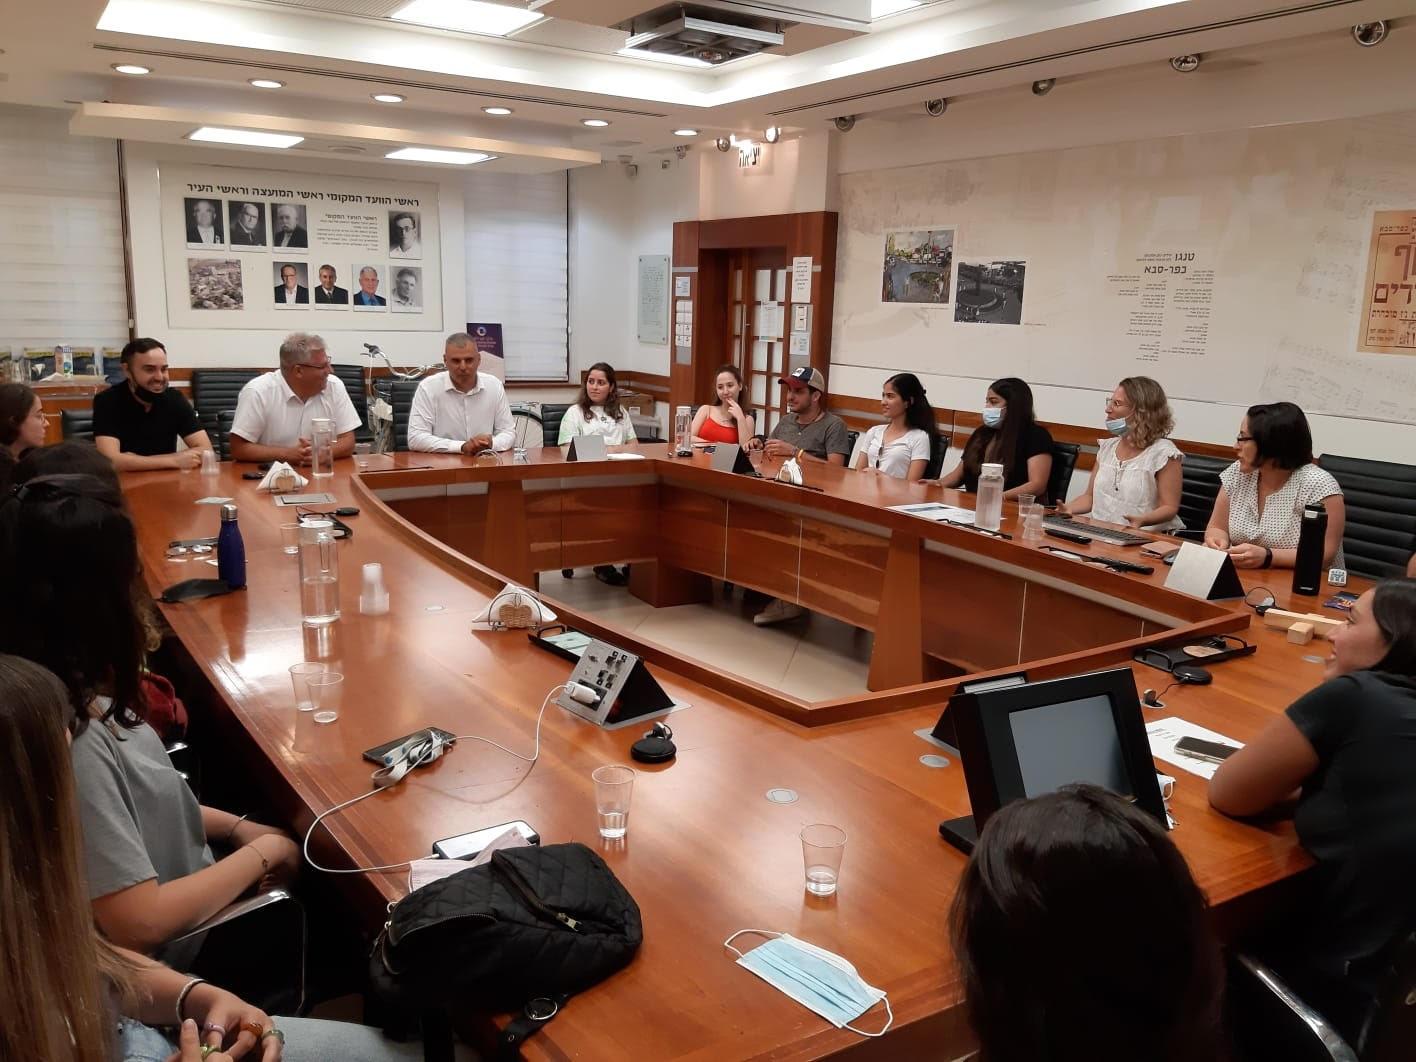 """לראשונה בישראל: תלמידי י""""ב מכפר סבא הקימו אתר להתמודדות עם בריונות ועבריינות ברשת, סמים, אלימות מינית"""